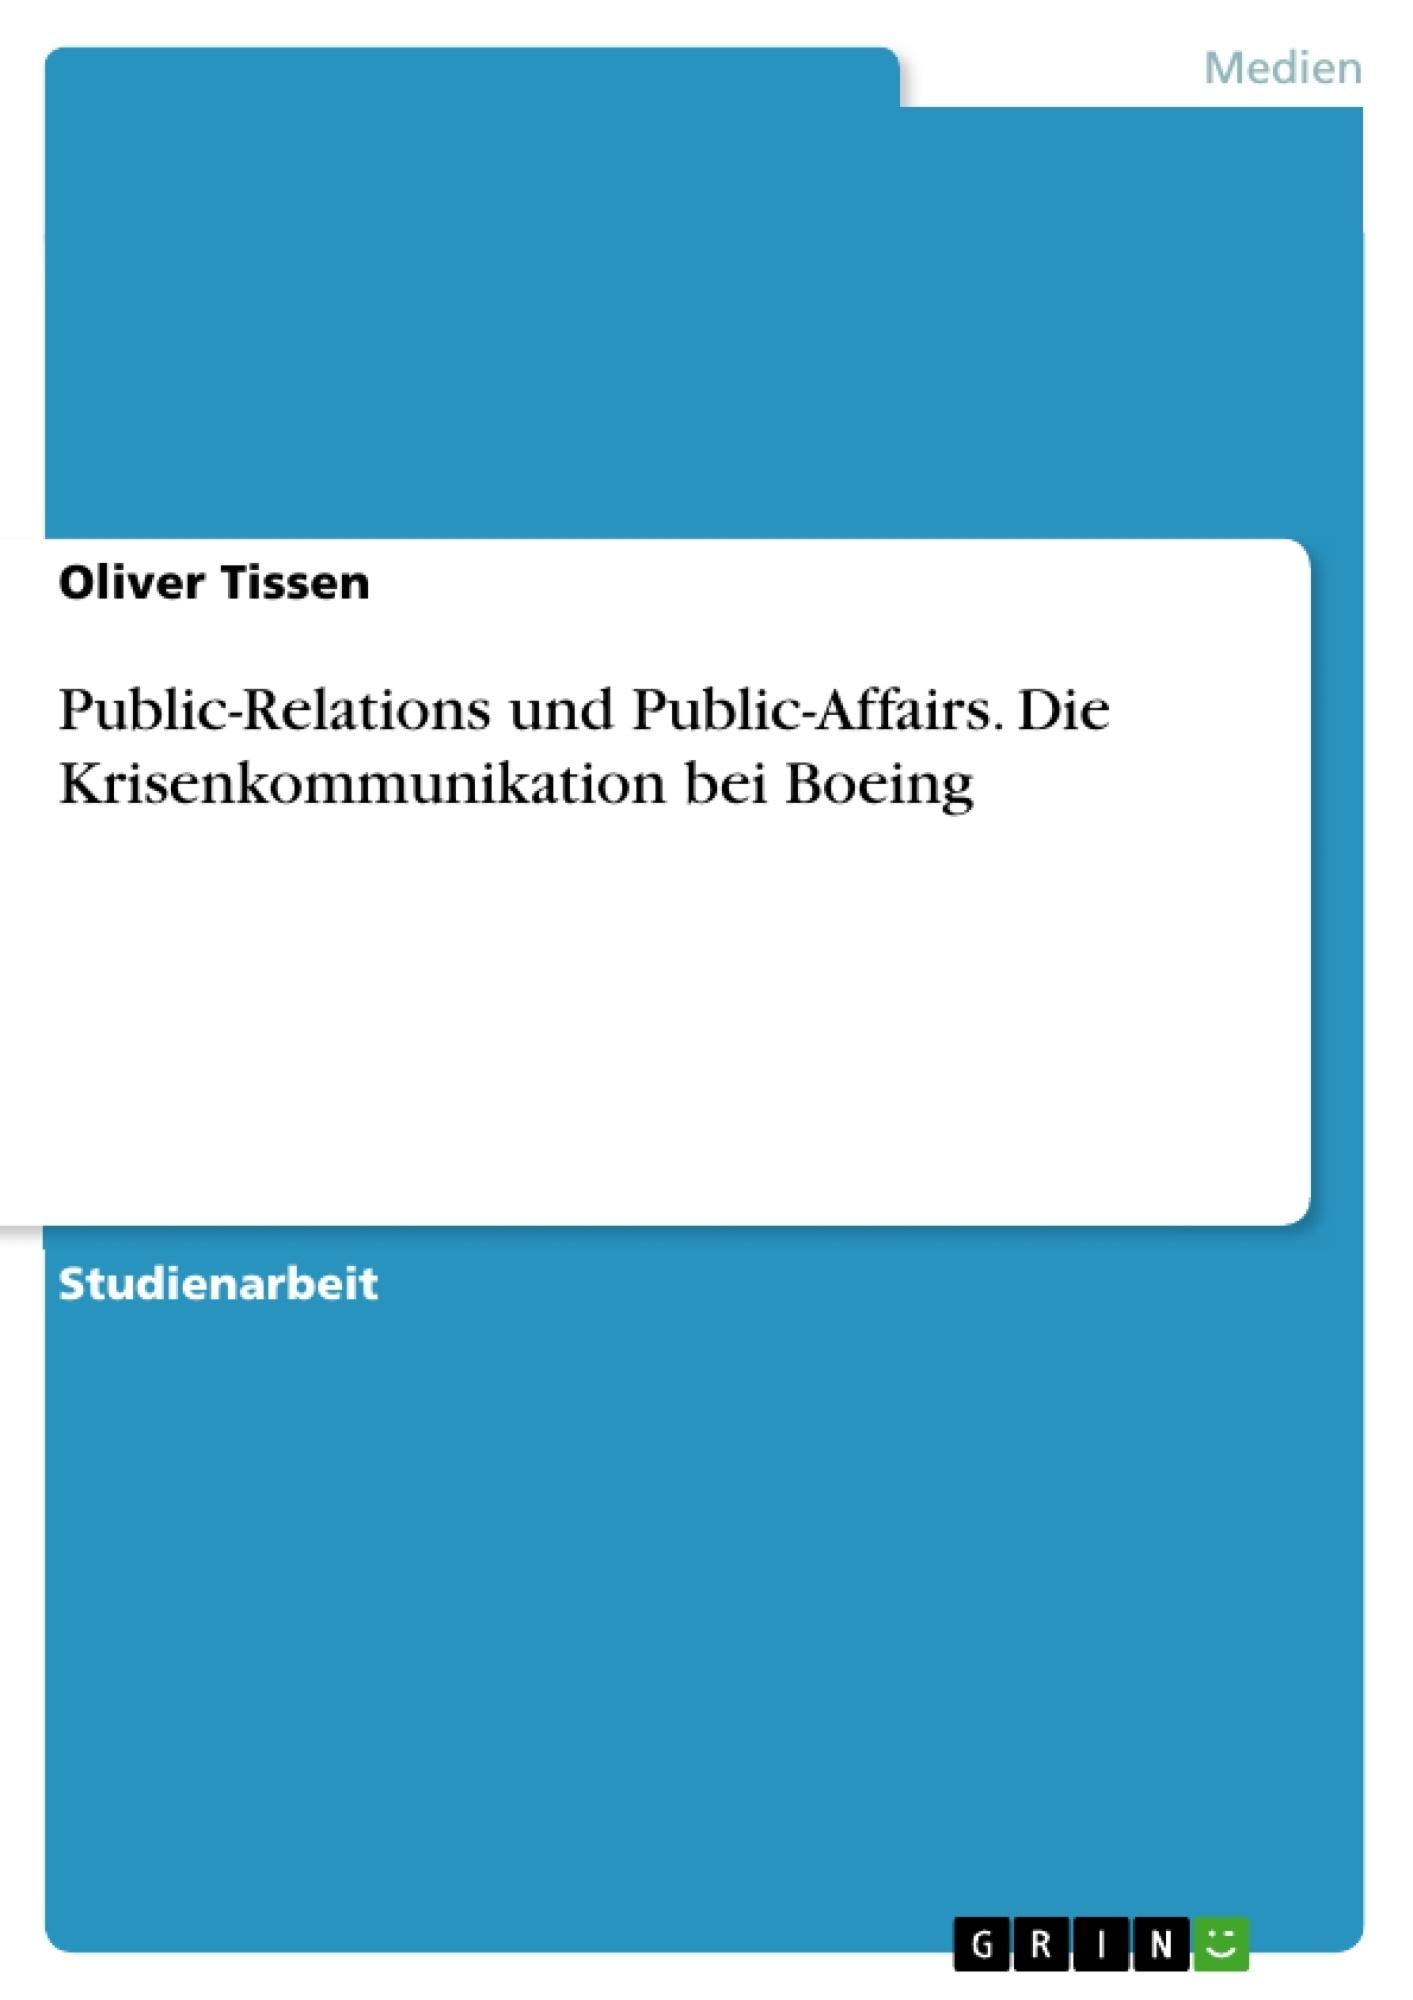 Titel: Public-Relations und Public-Affairs. Die Krisenkommunikation bei Boeing